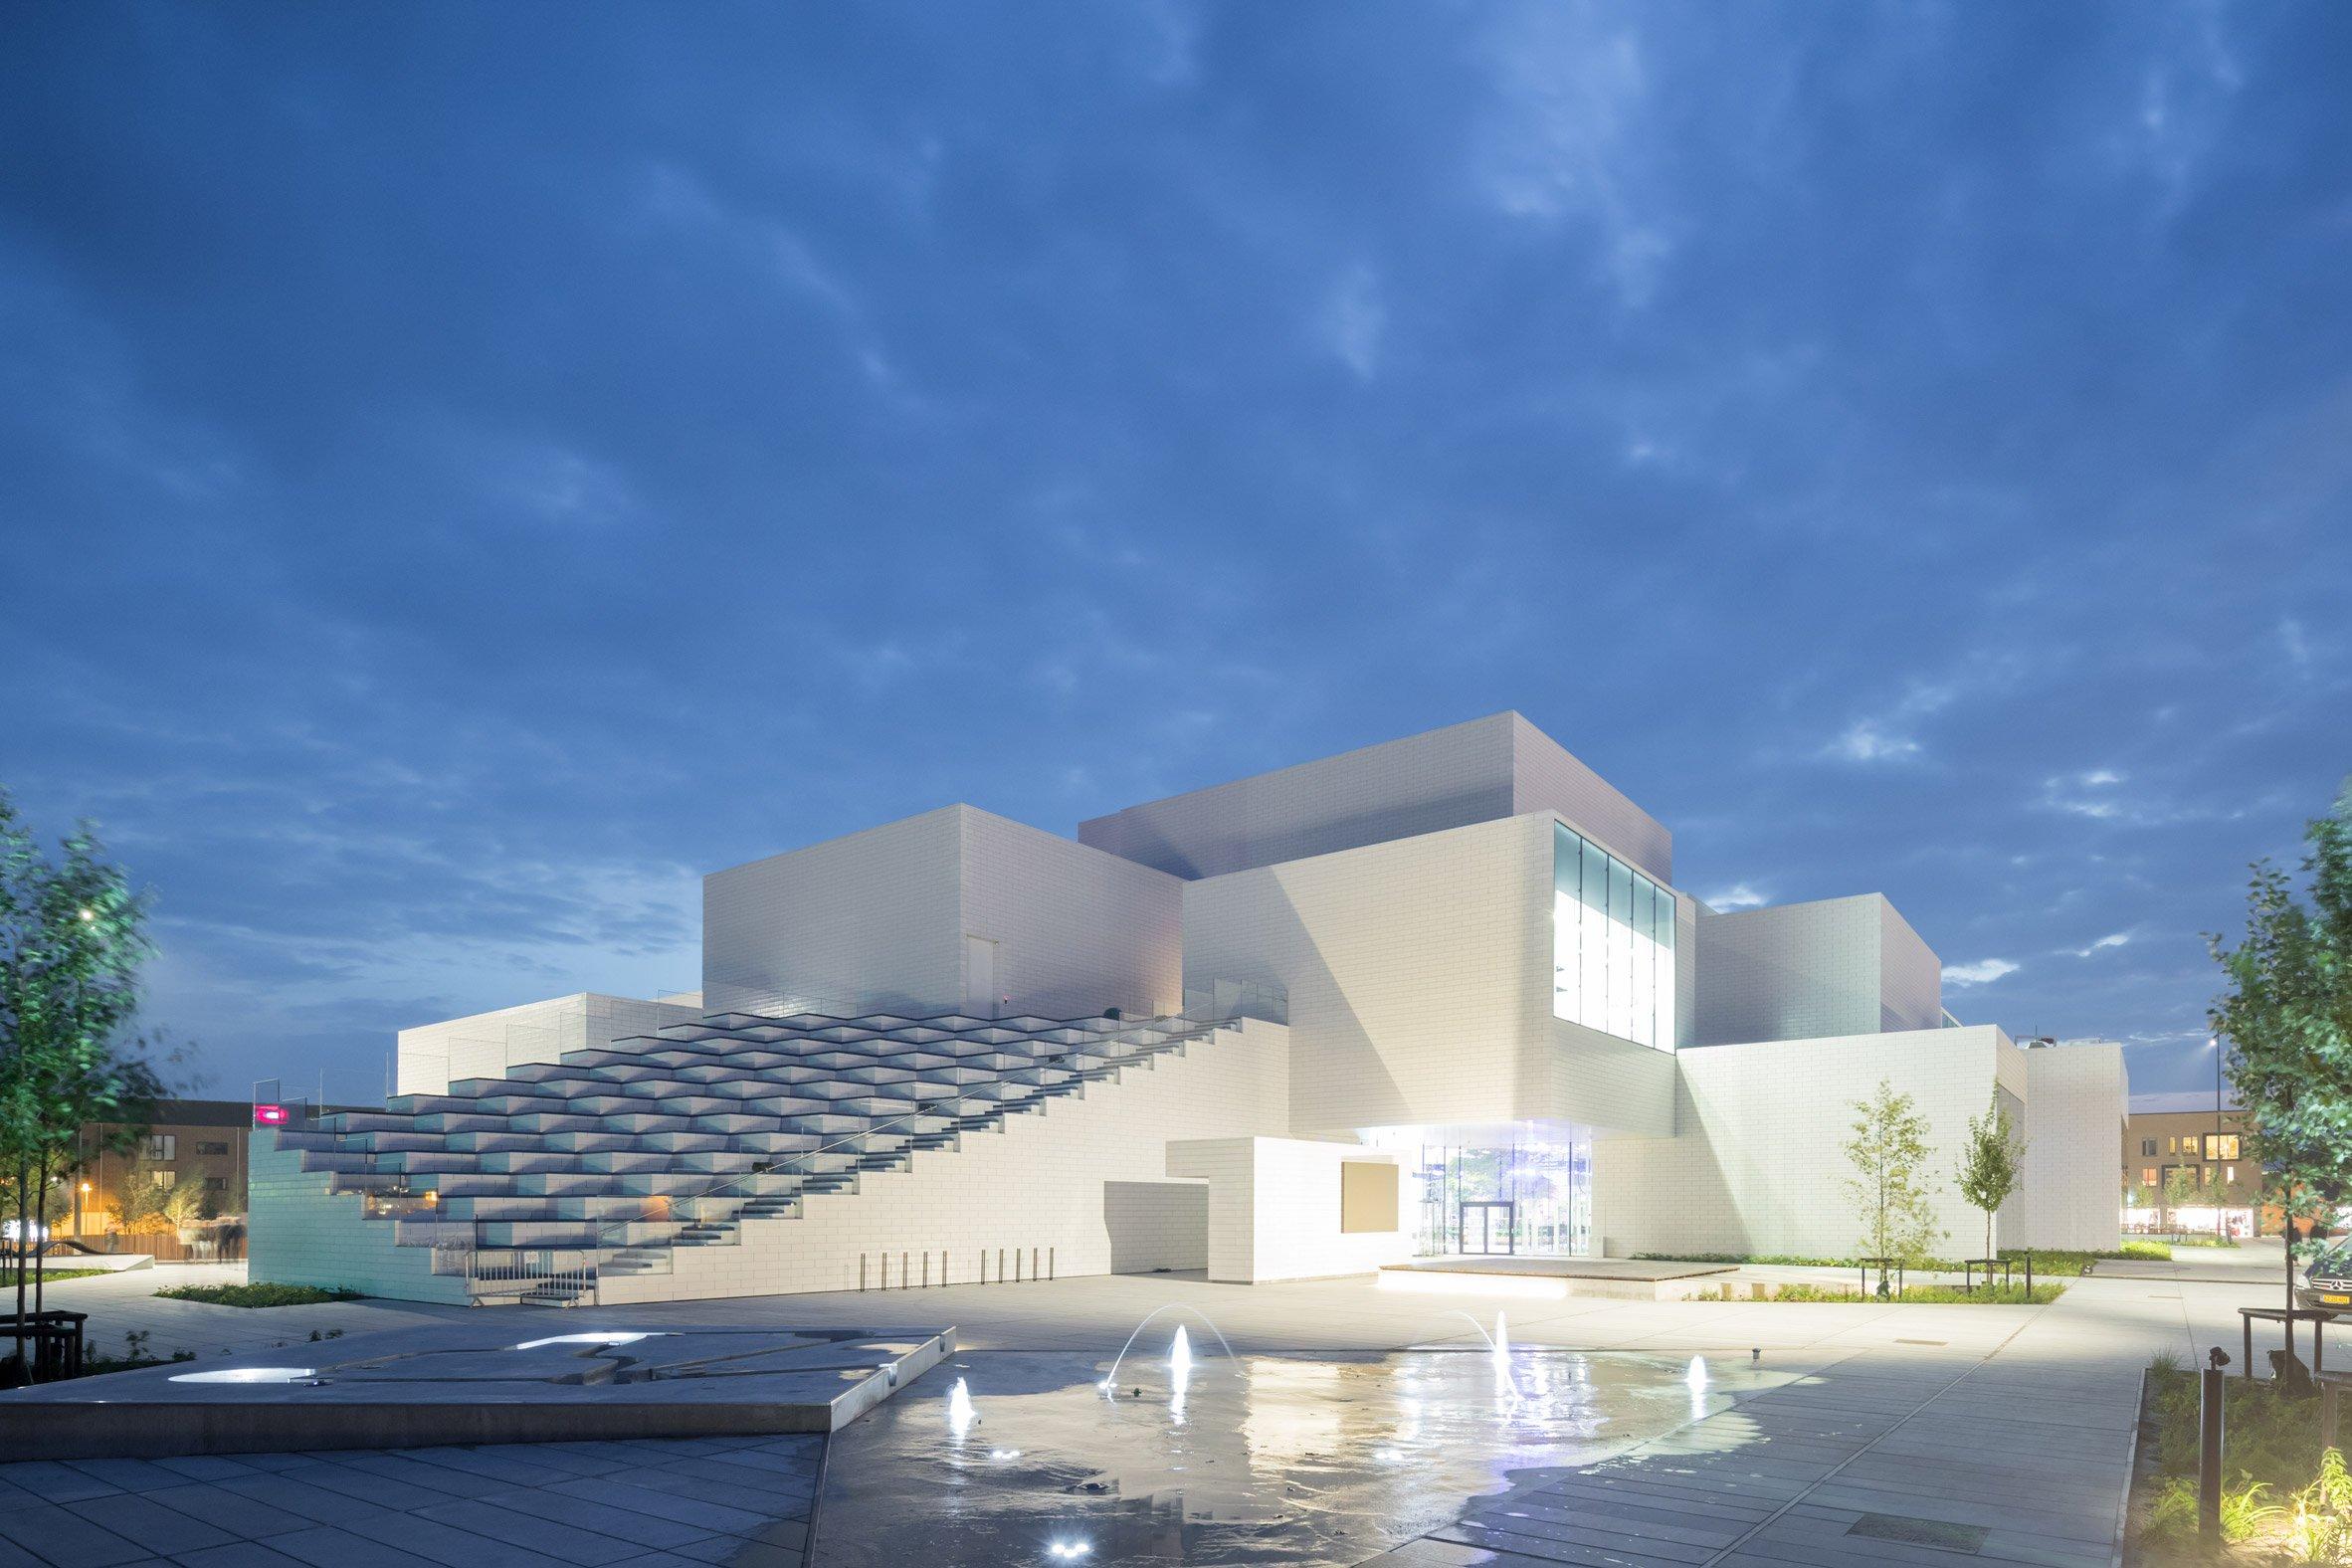 lego-house-big-photographs-iwan-baan-billund-denmark-architecture_dezeen_2364_col_15.jpg